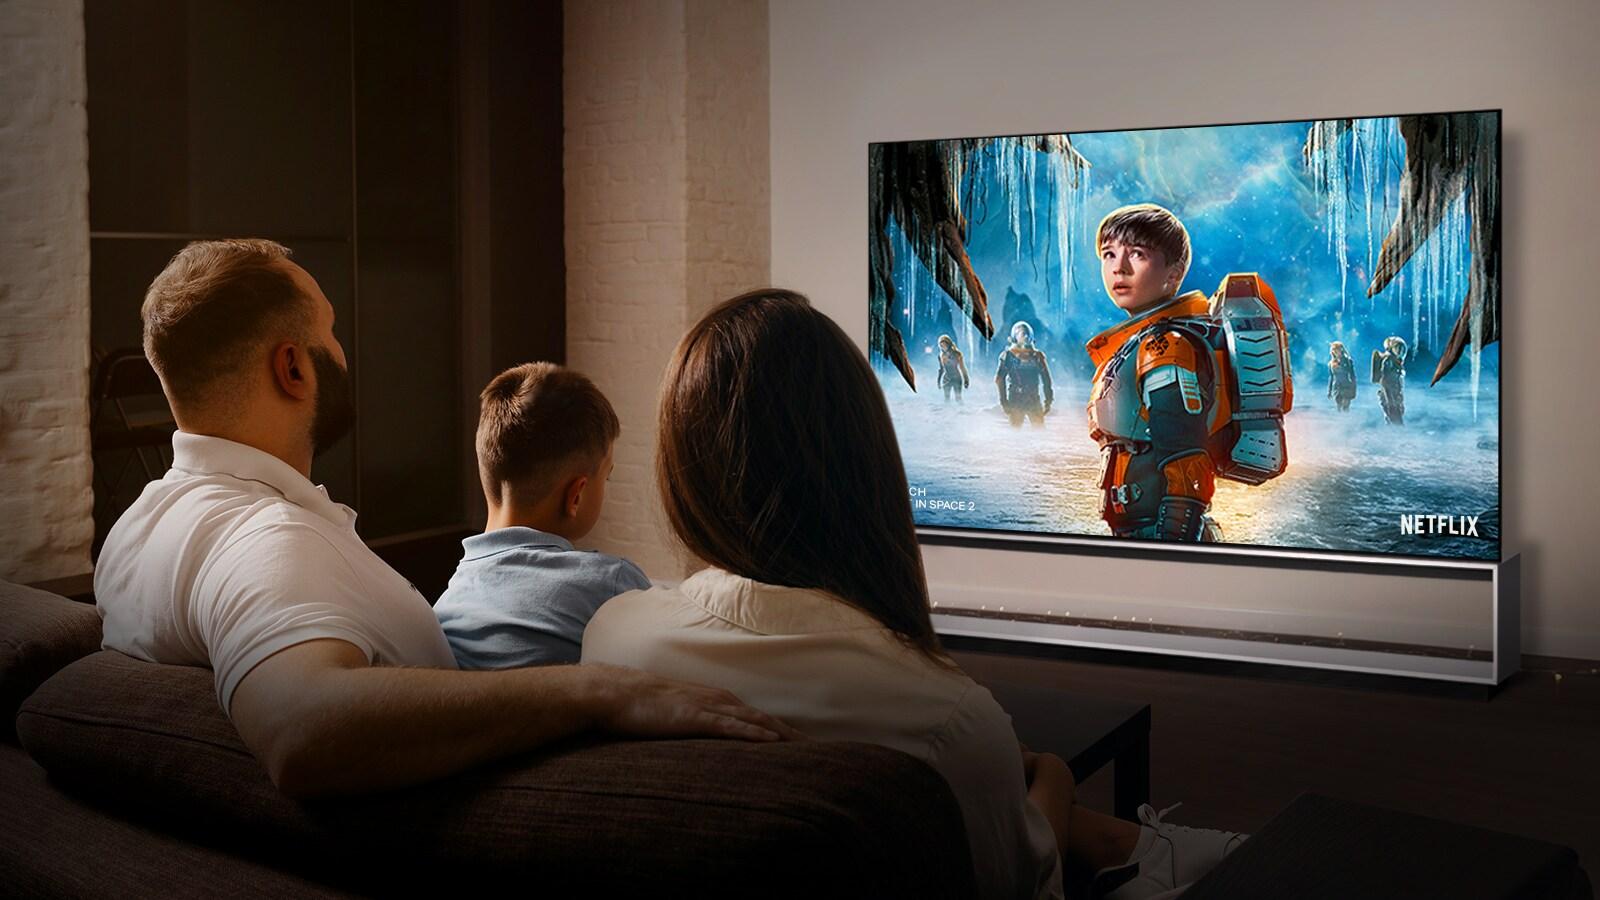 شريكان يجلسان على أريكة في غرفة النوم يشاهدان فيلمًا رومانسيًا على التلفزيون